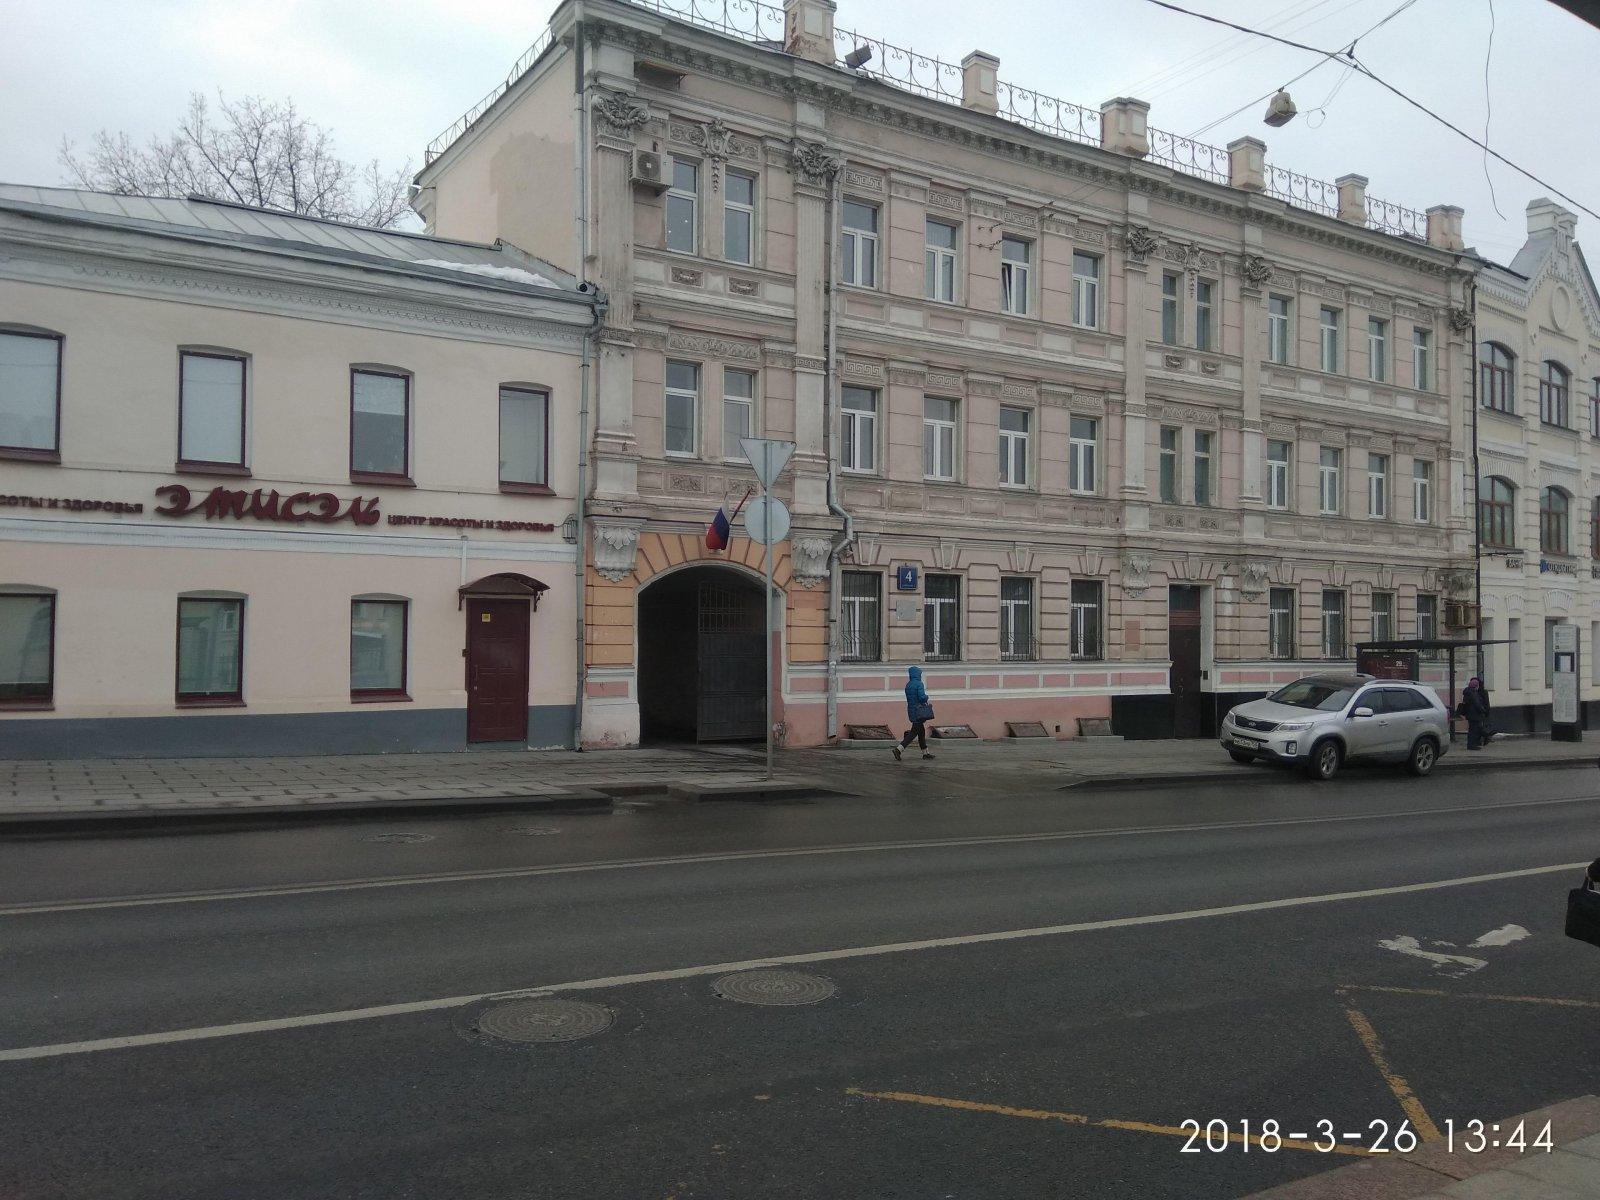 Мослифт, Верхняя Радищевская, 4 ст2